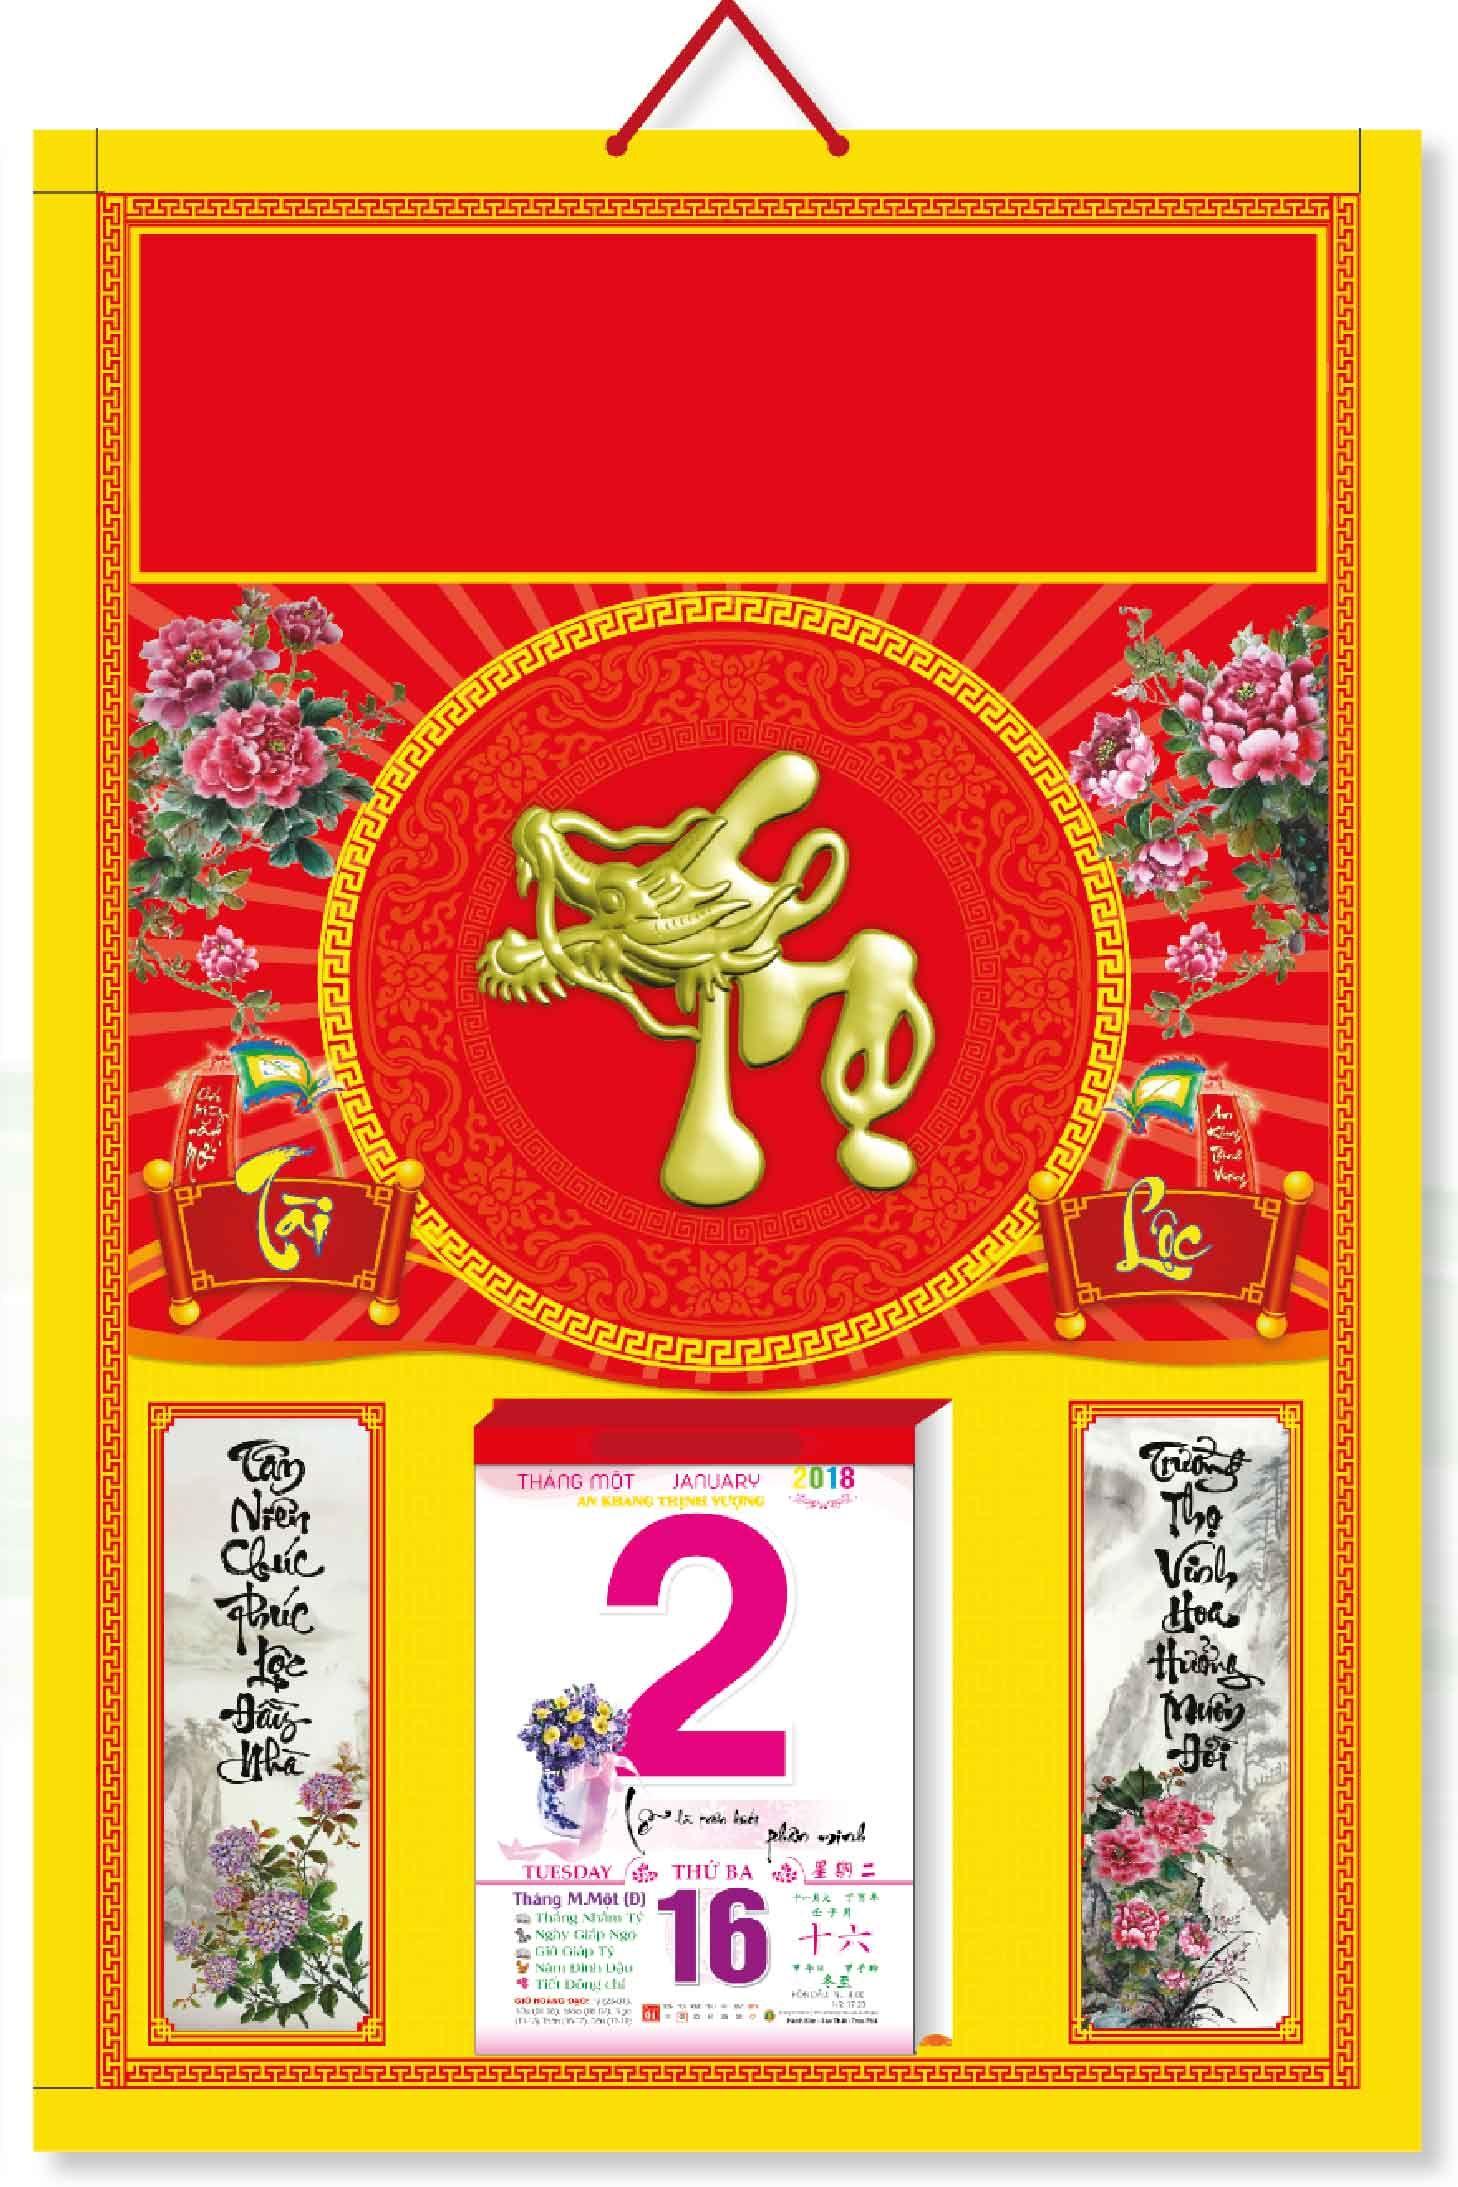 KV334 -Bìa Treo Lịch Đỏ 2018 Dán Chữ Nổi (40 x 60 cm) - Tài Lộc, Dán Nổi Chữ Thọ Đầu Rồng